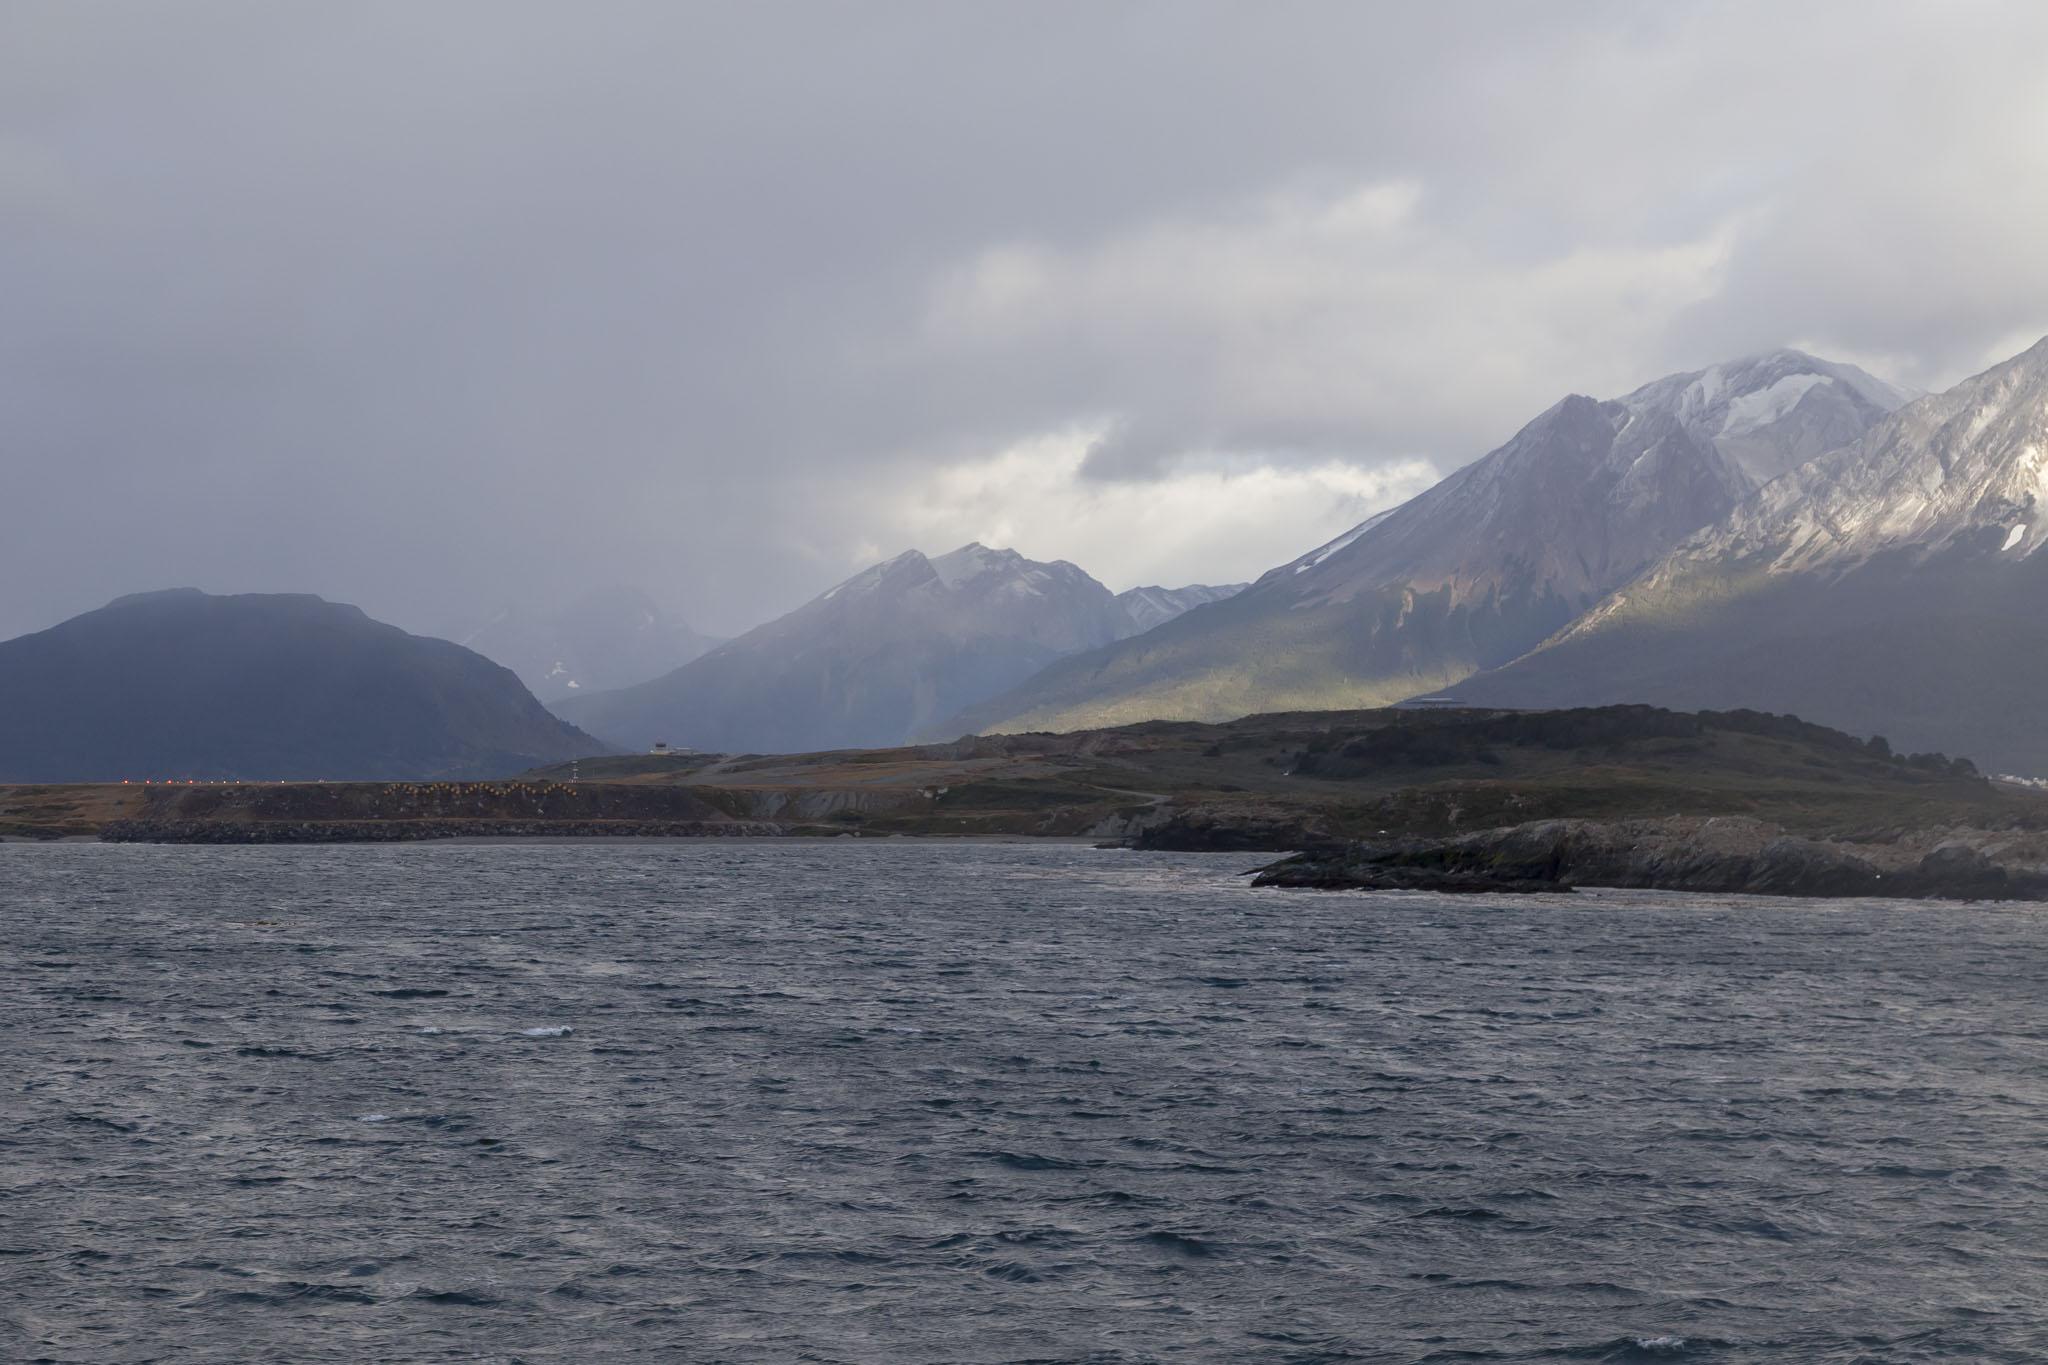 Beagle Channel Scenery